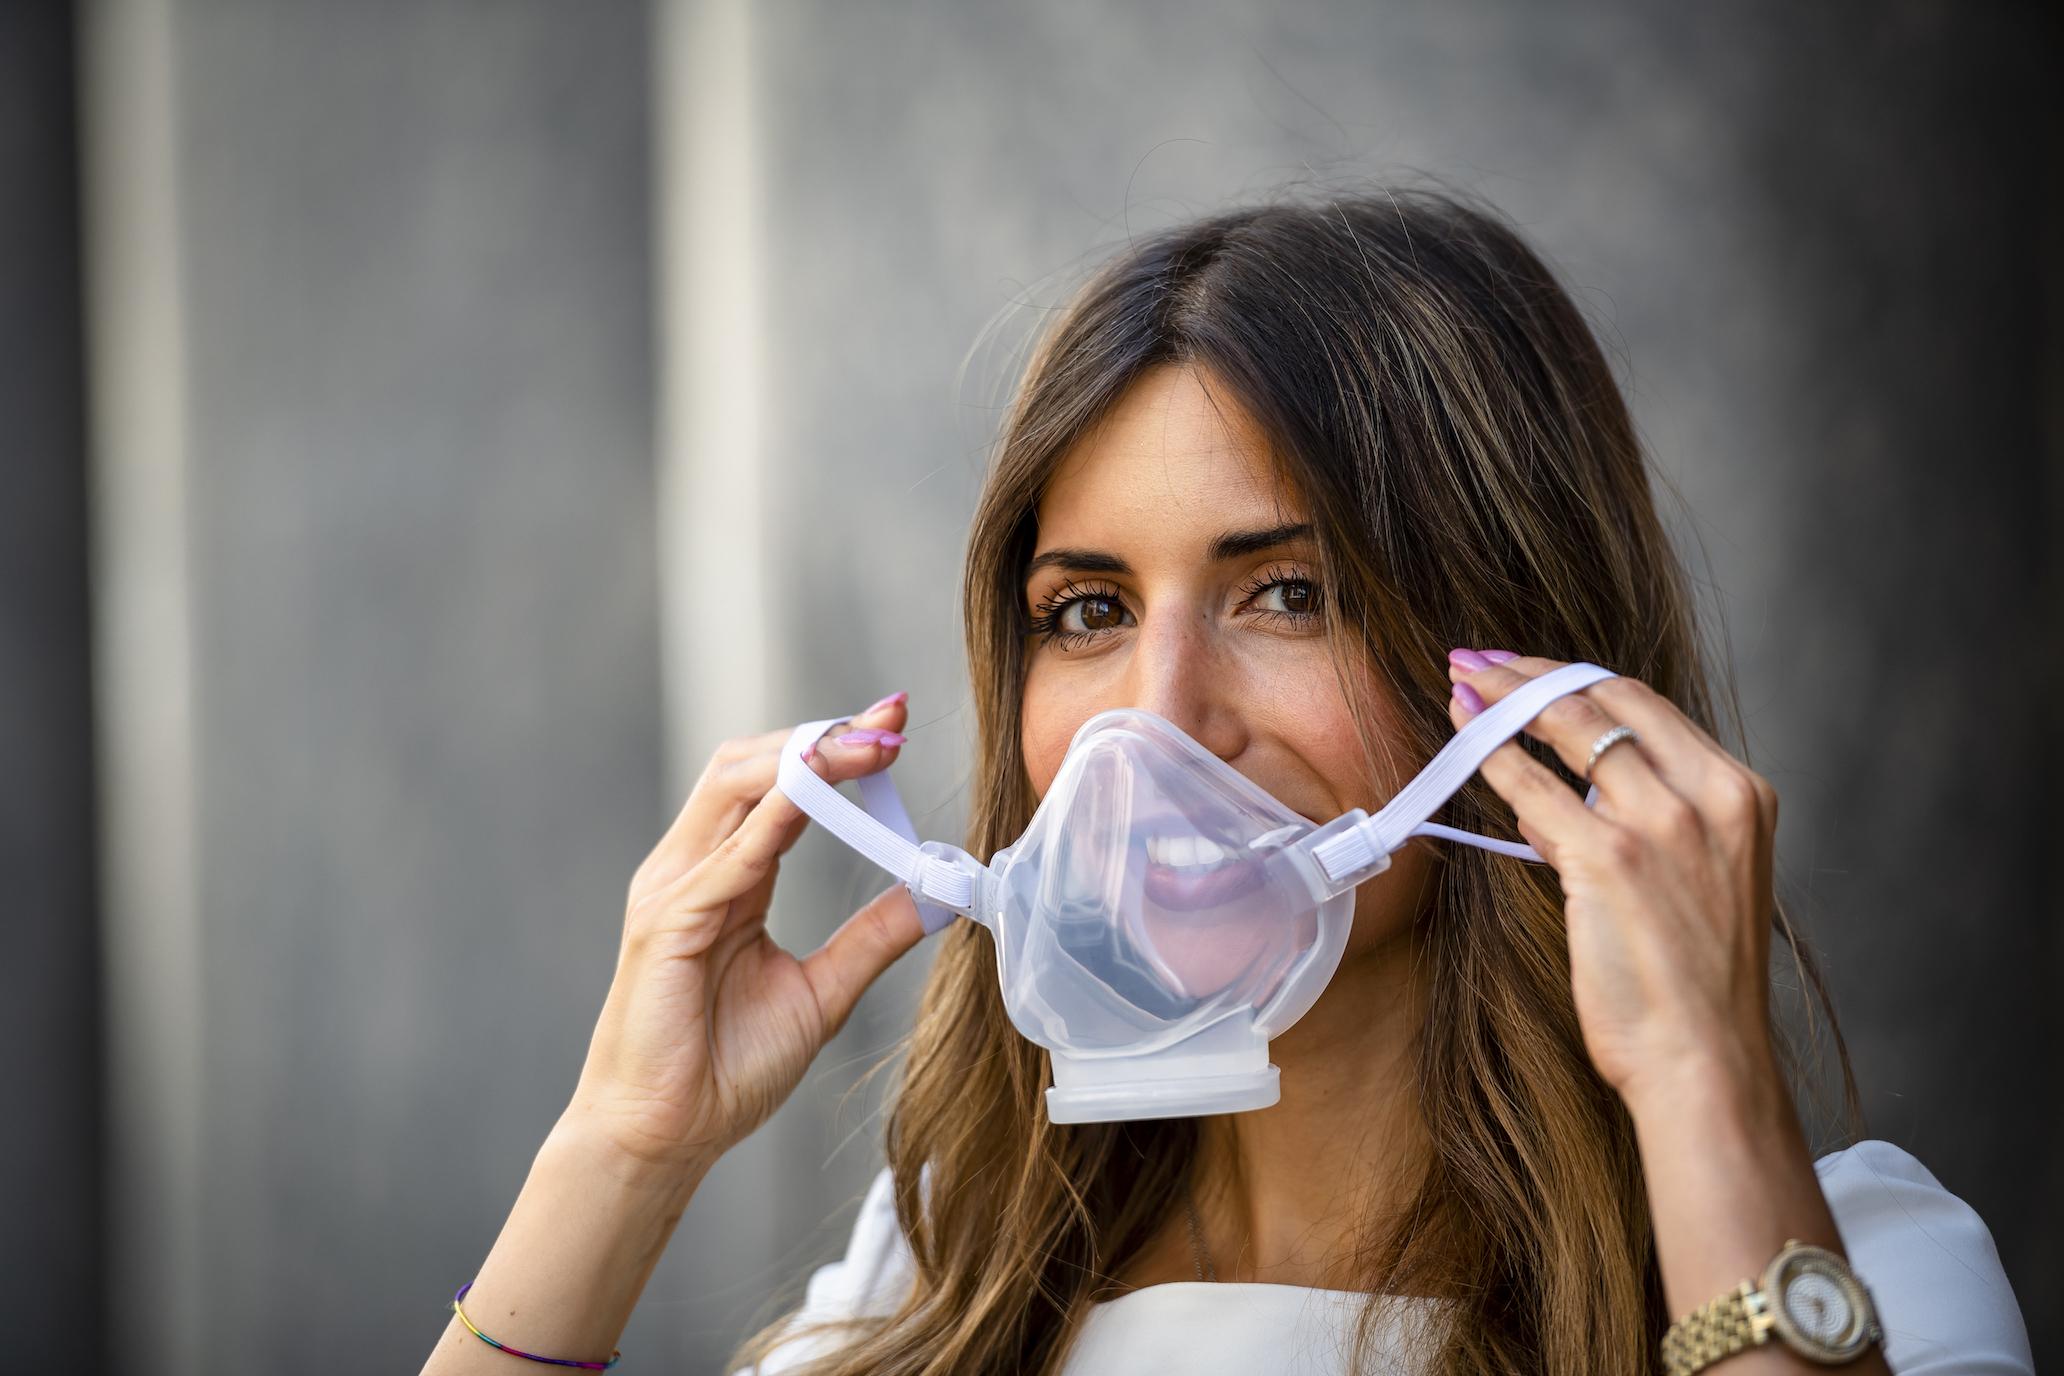 Respira, la mascherina in silicone che rispetta l'ambiente thumbnail